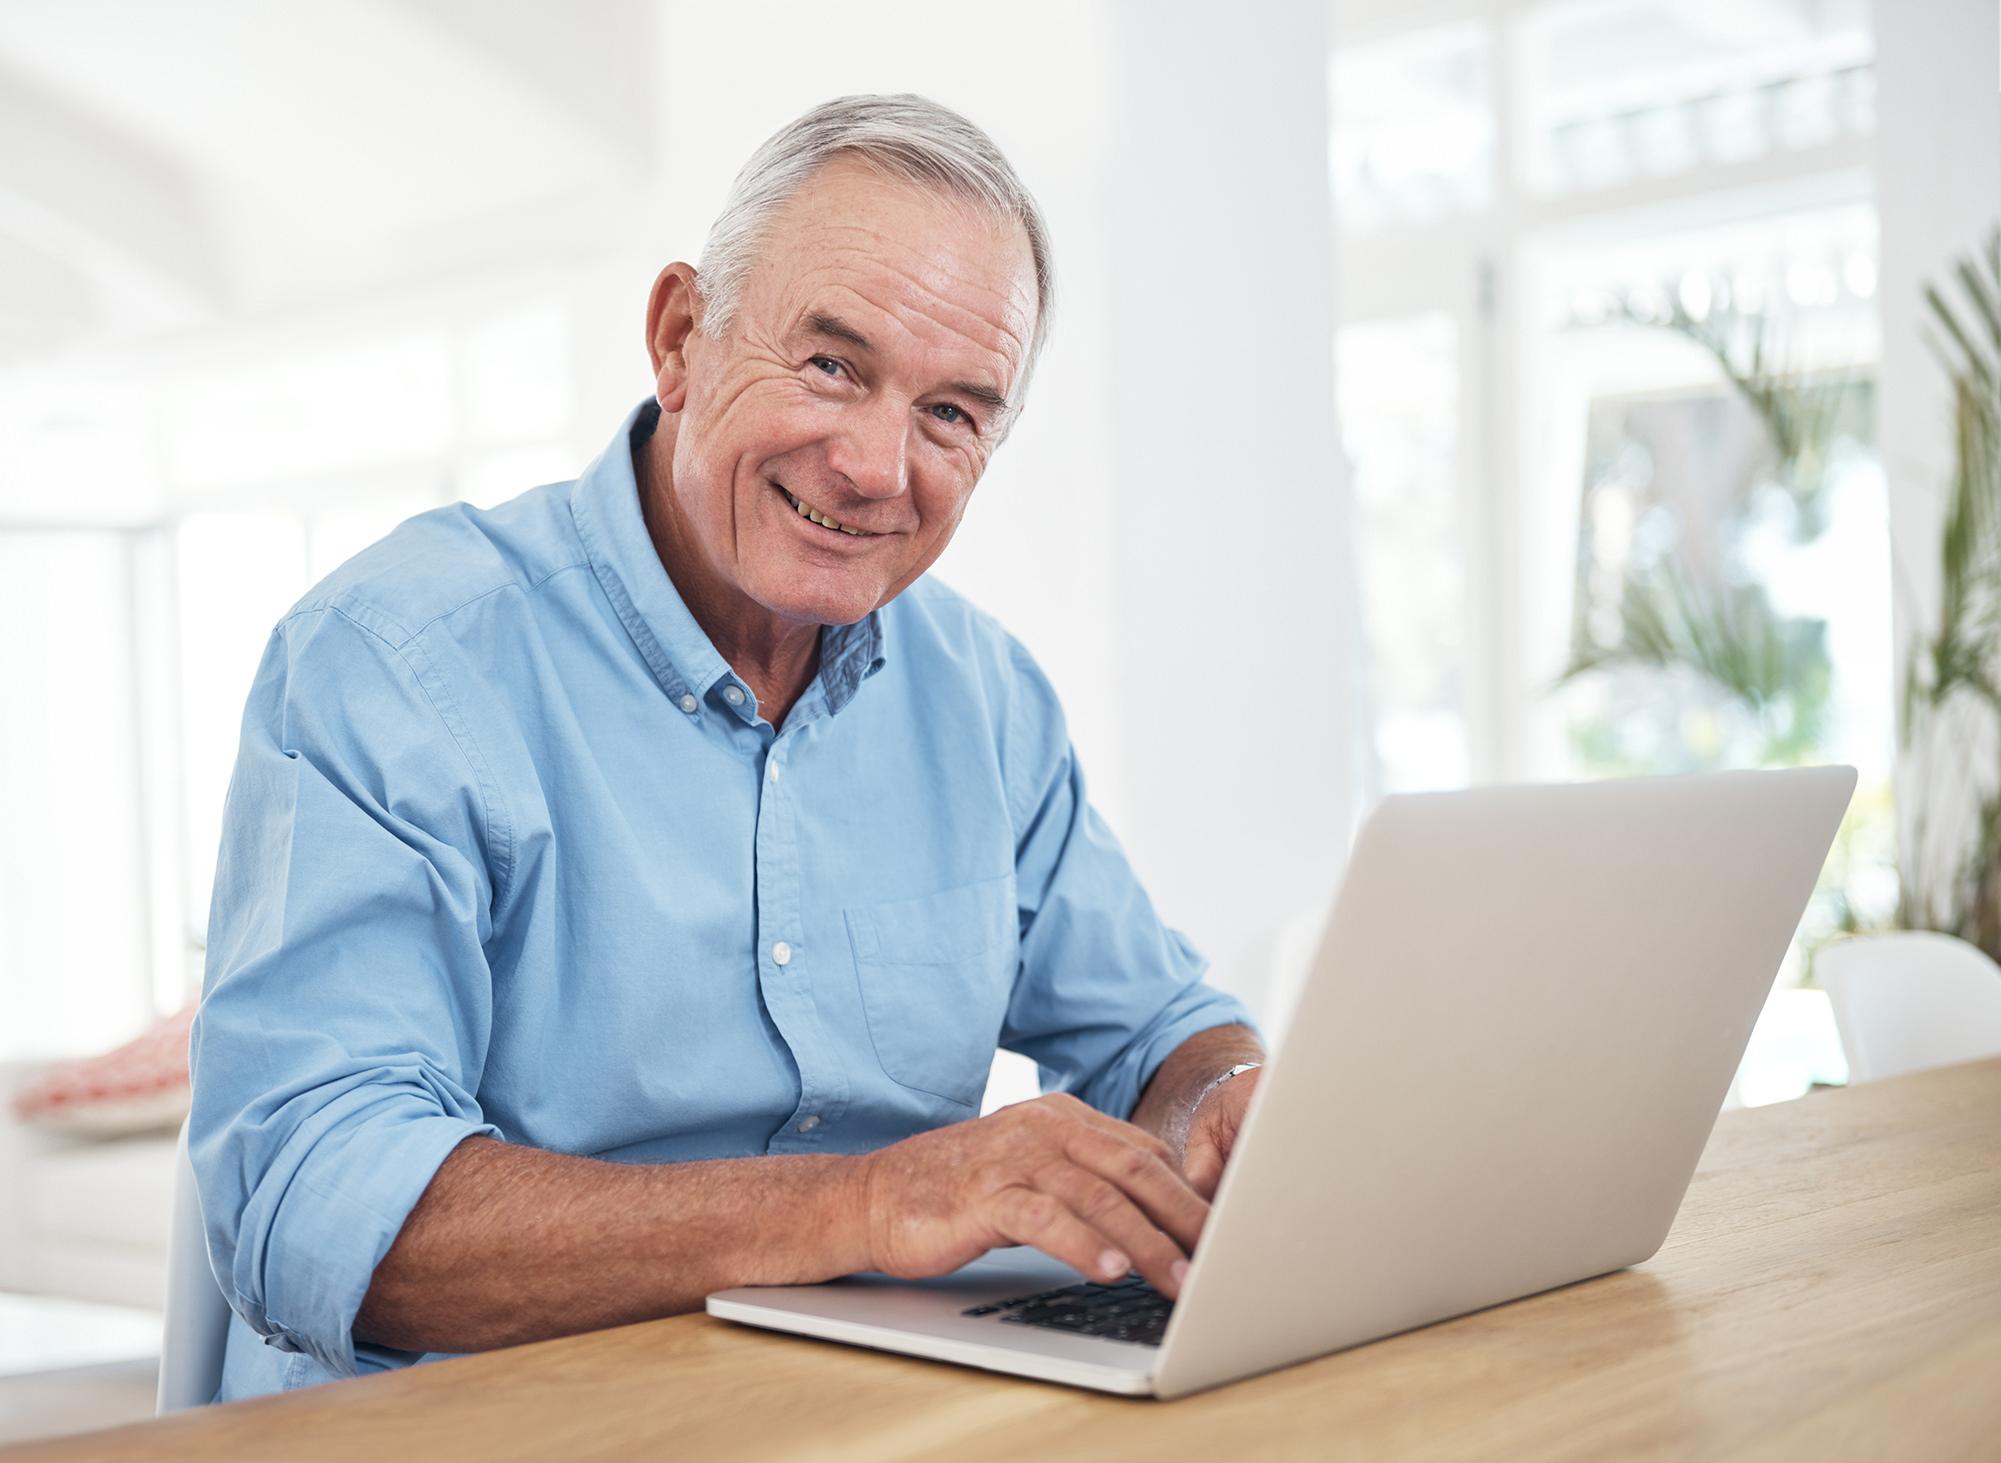 older man on a laptop